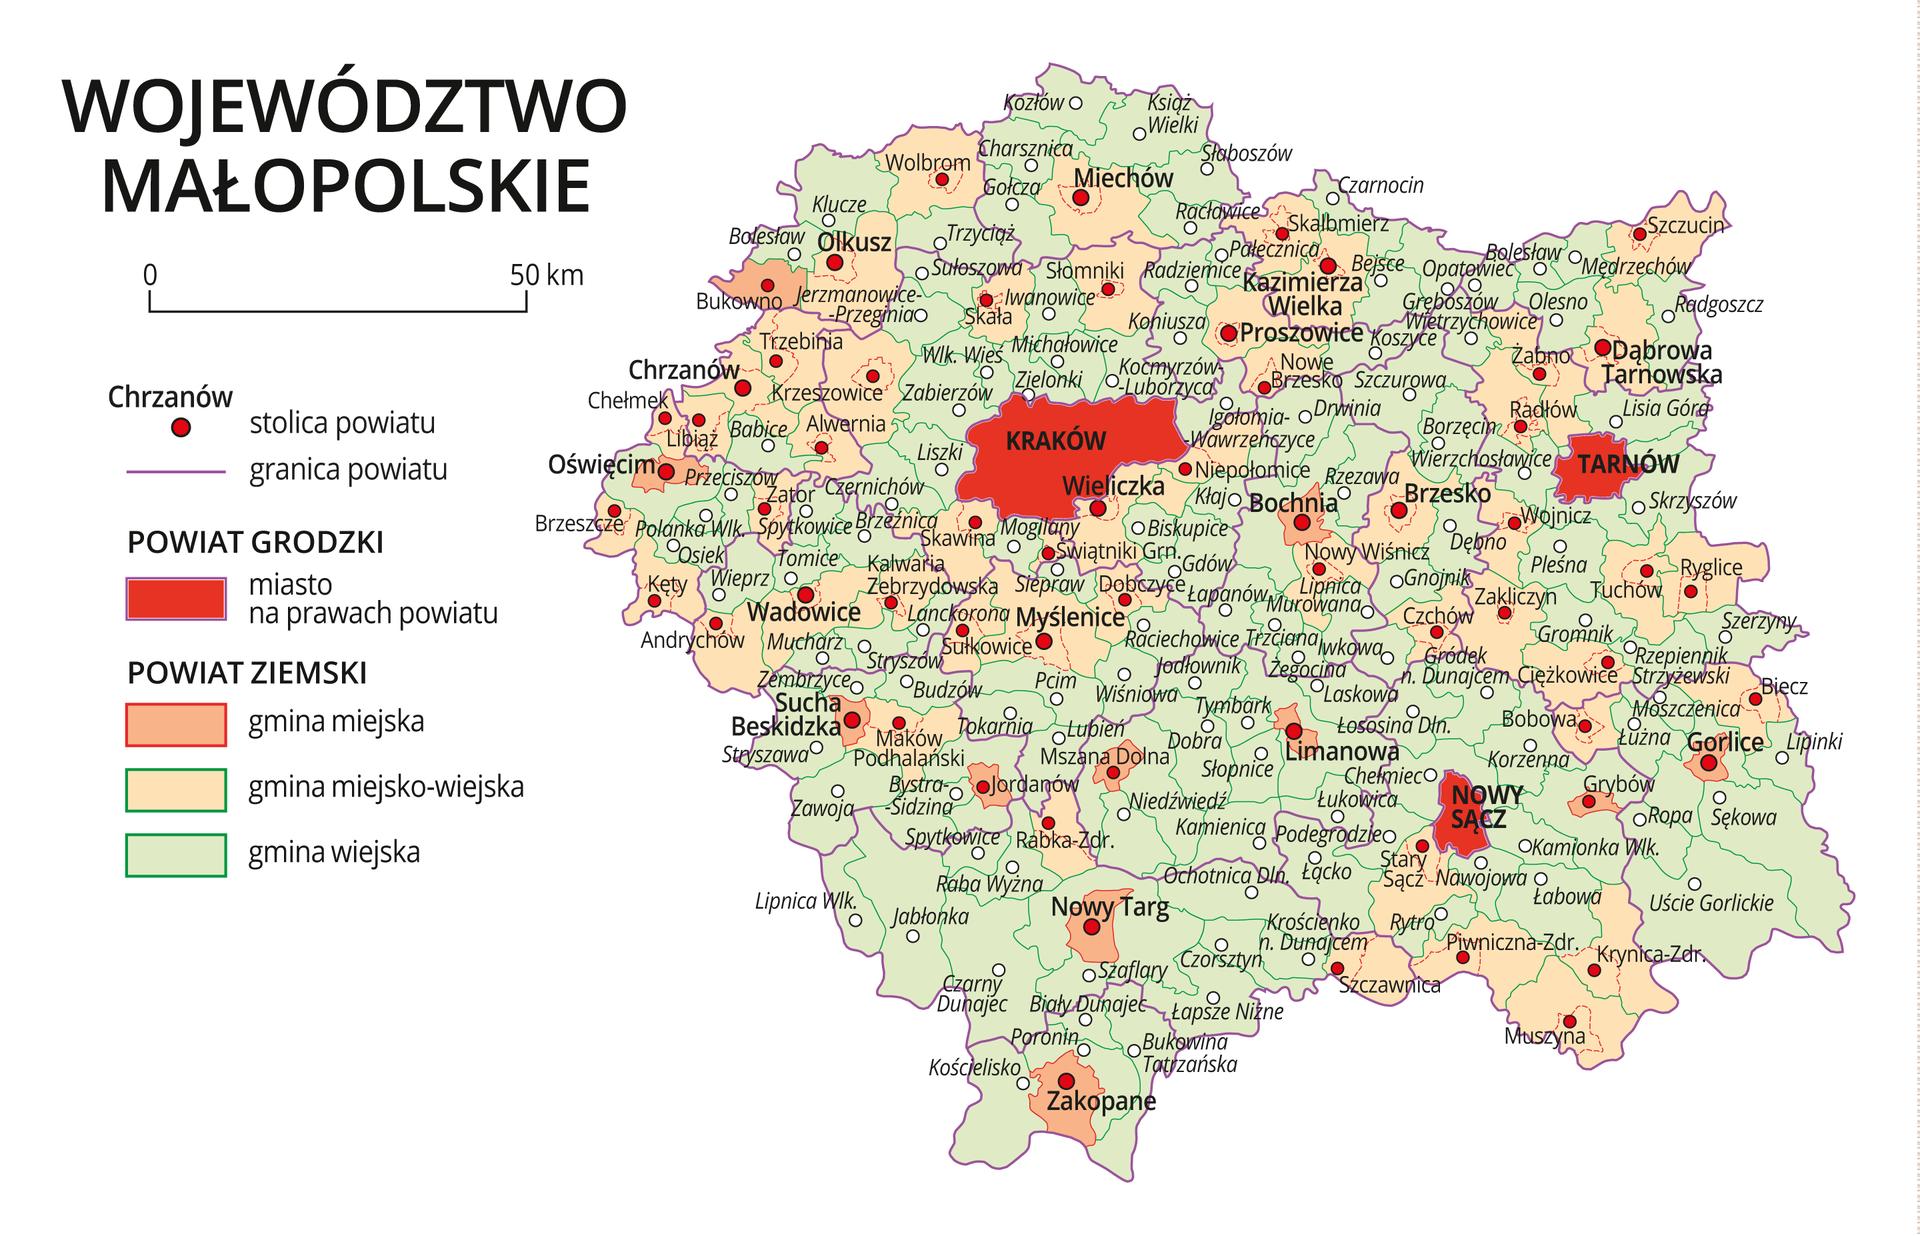 Mapa województwa małopolskiego. Na mapie fioletowymi liniami zaznaczono granice powiatów ziemskich, dużymi czerwonymi kropkami zaznaczono miasta będące stolicami powiatów. Wobrębie powiatów ziemskich kolorami wyróżniono gminy miejskie, miejsko-wiejskie iwiejskie. Czerwonym kolorem wyróżniono powiaty grodzkie zmiastami na prawach powiatu, miasta te opisano dużymi literami. Kolory iznaki użyte na mapie opisano wlegendzie. Wlegendzie podziałka liniowa.